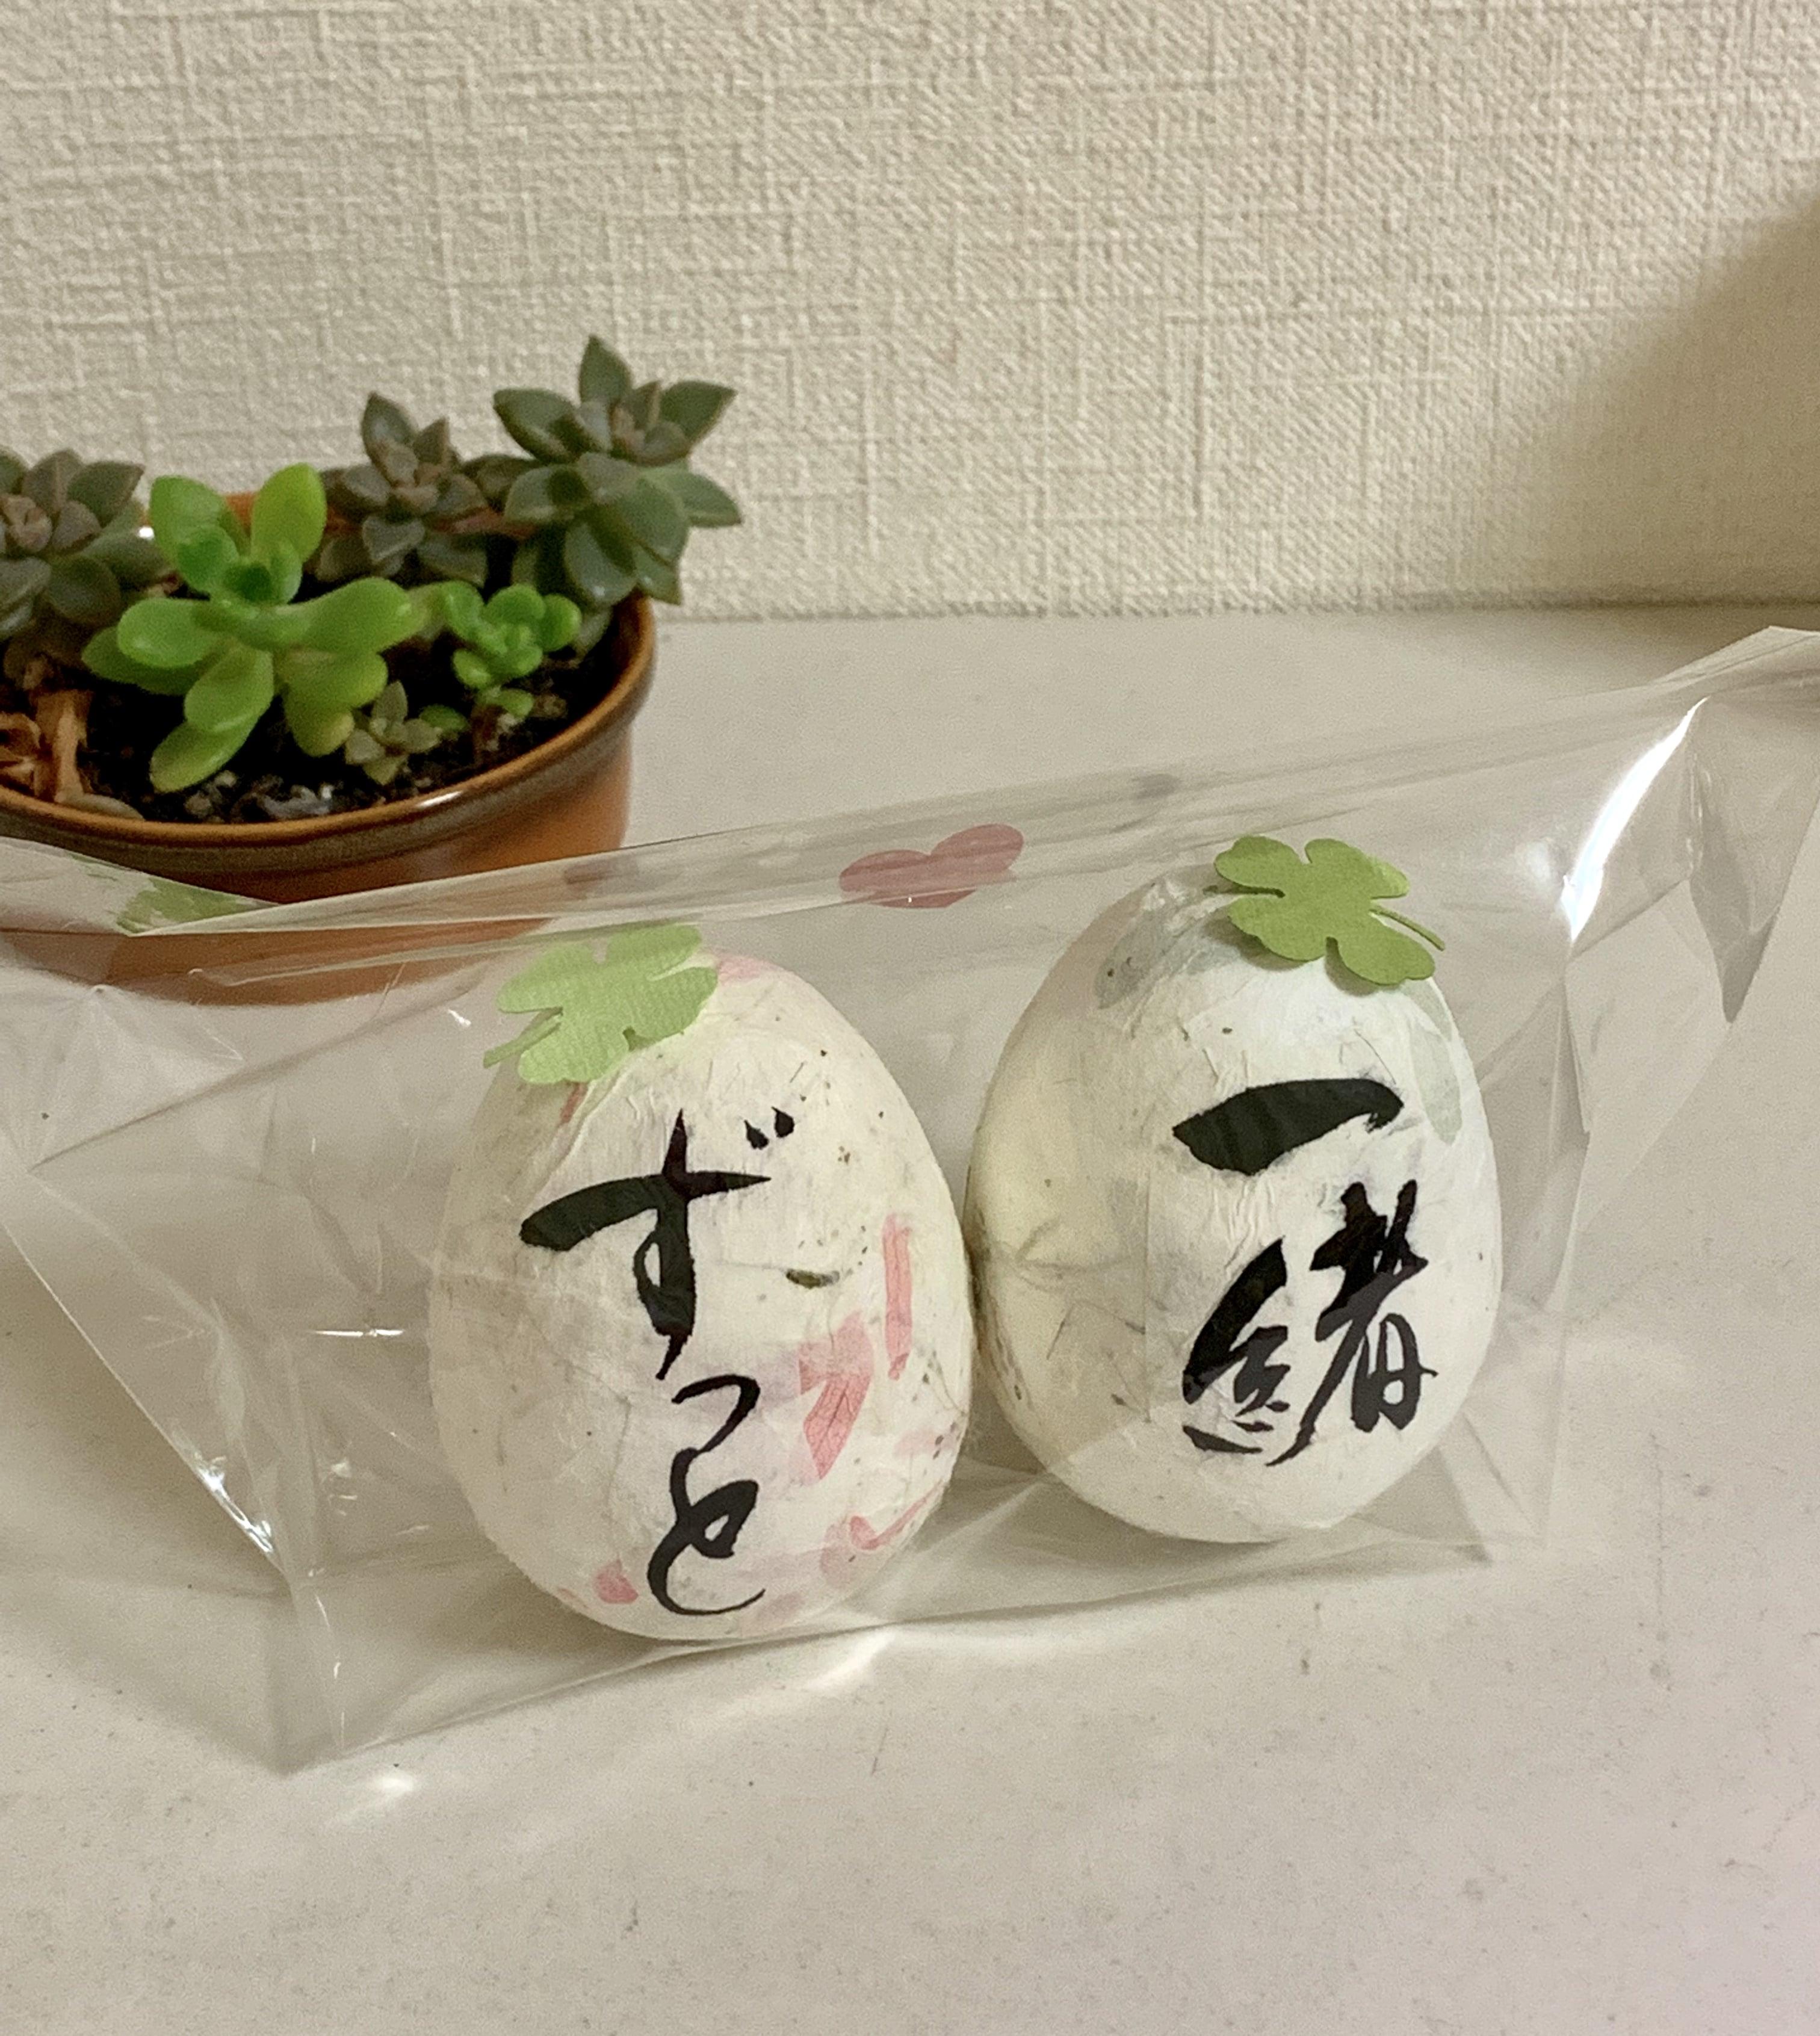 ウエディング オリジナルギフト コロコロかわいい「ウエディングエッグ」卵サイズ身長7cm、重さ1個44〜45gのイメージその4